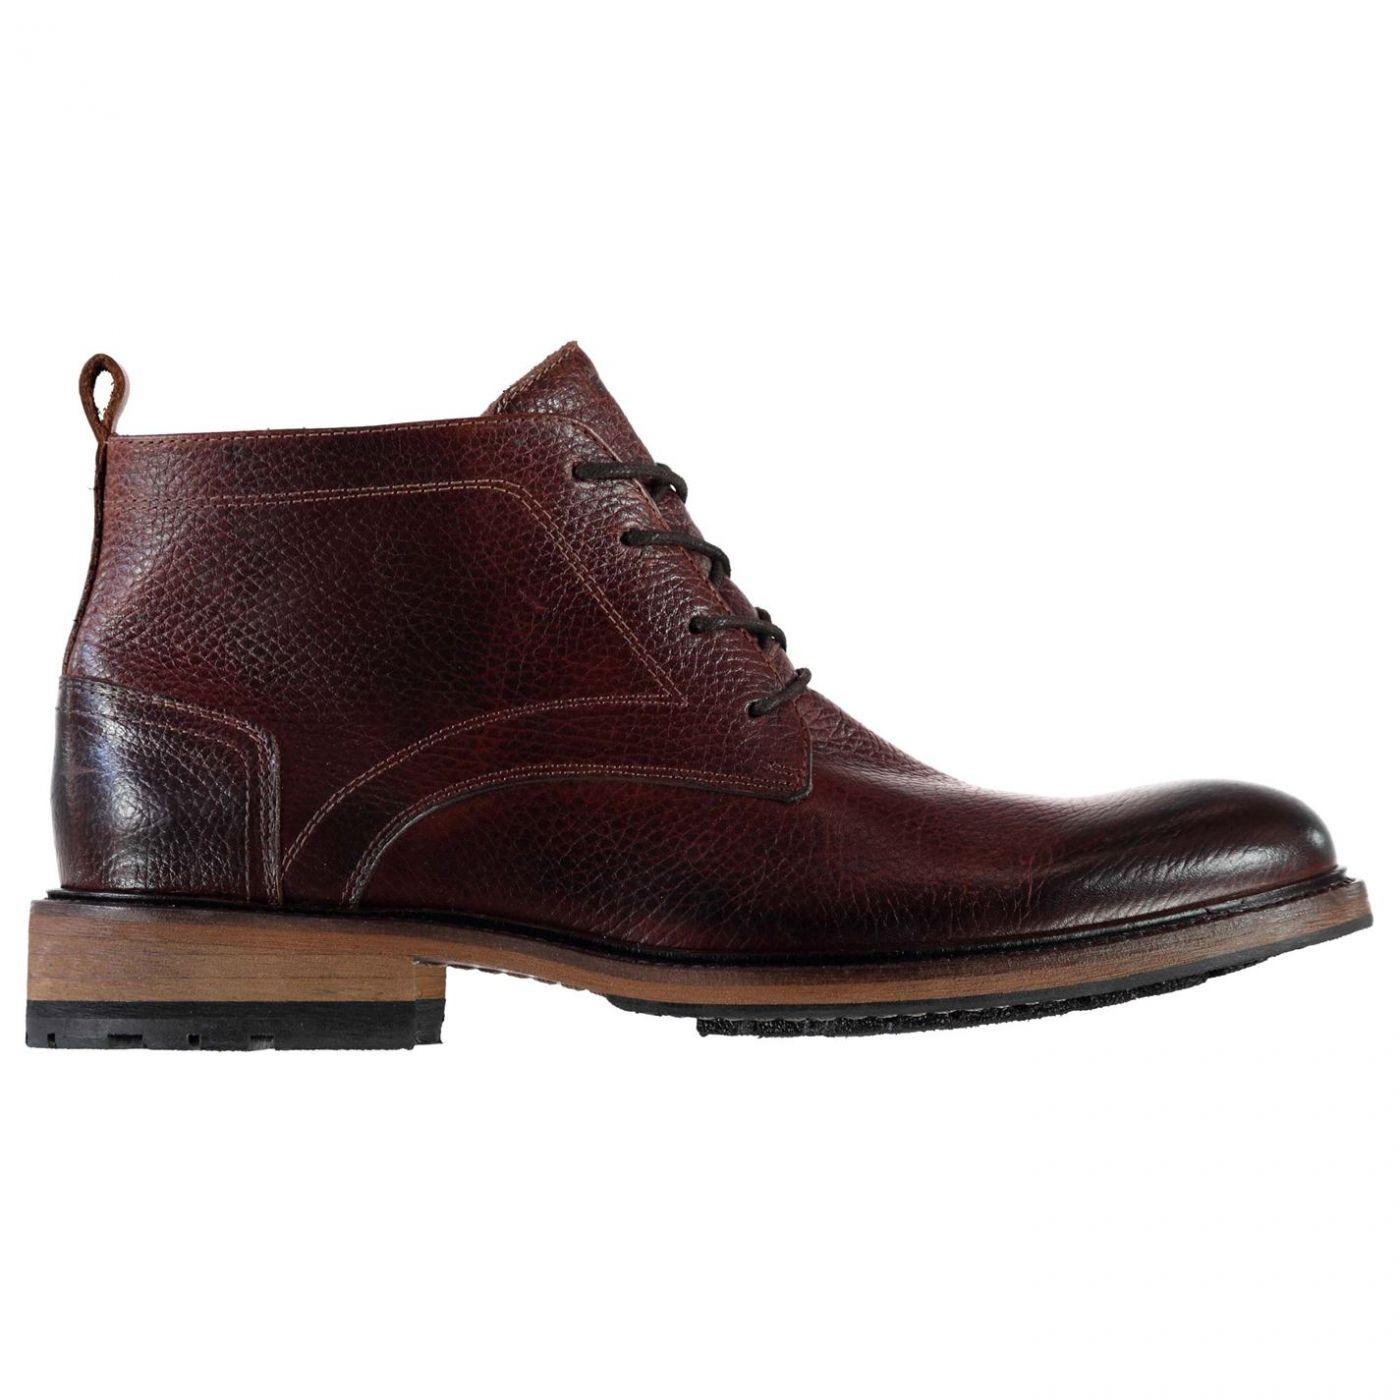 Firetrap Torr Mens Boots